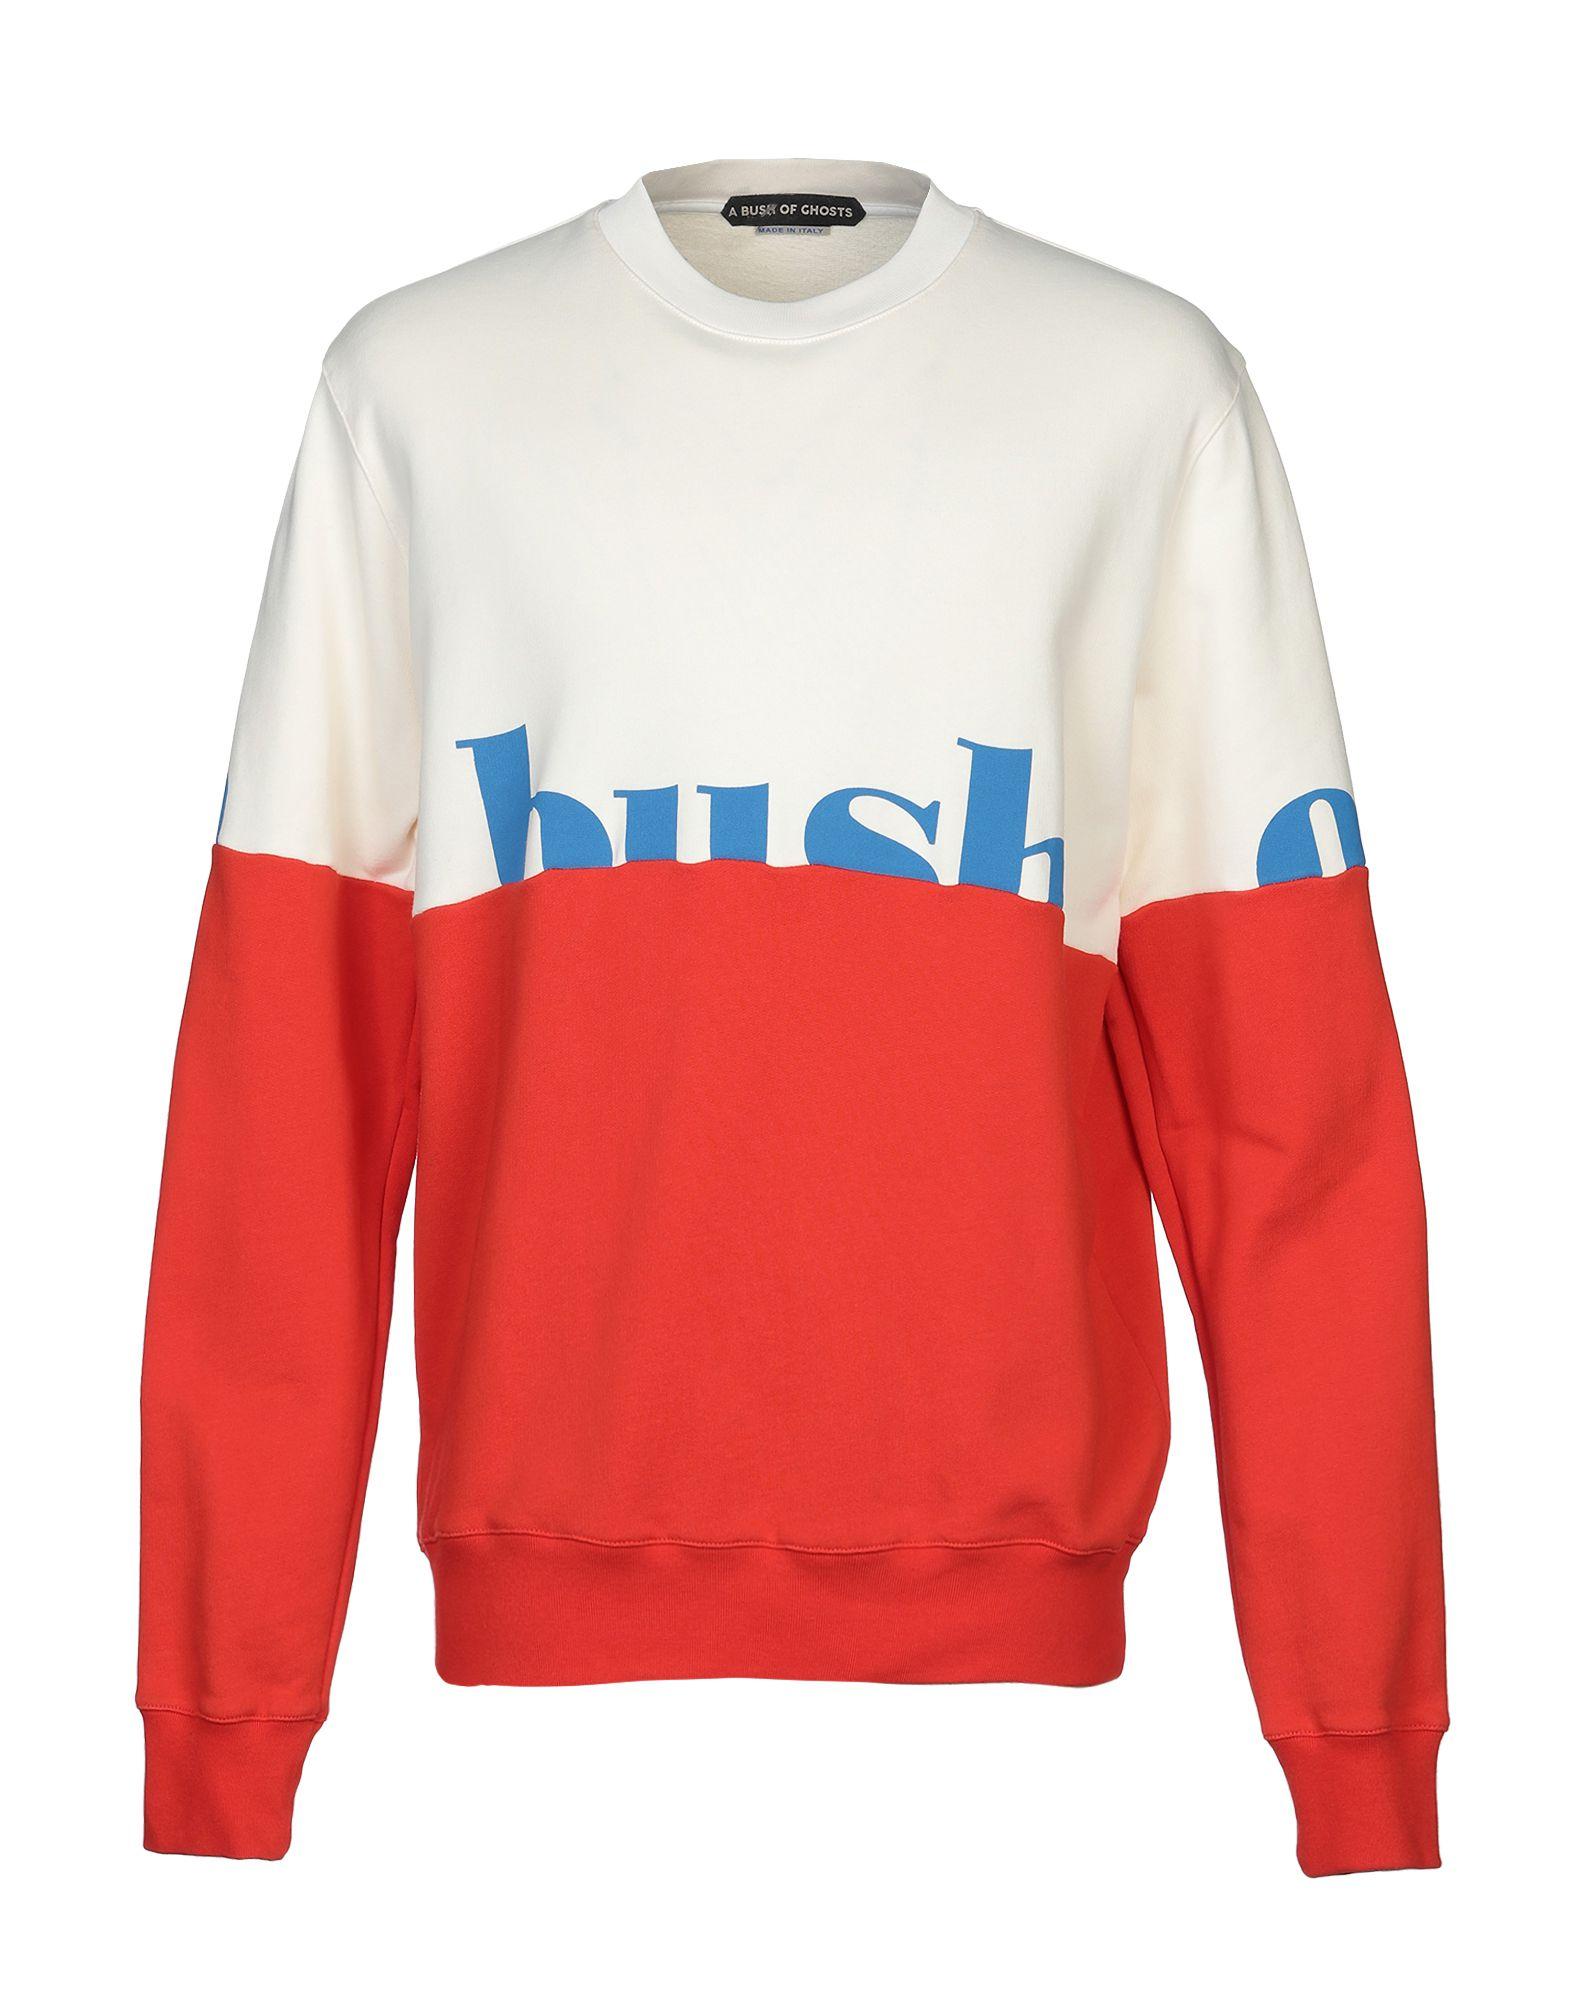 《送料無料》A BUSH OF GHOSTS メンズ スウェットシャツ ホワイト XL コットン 100%